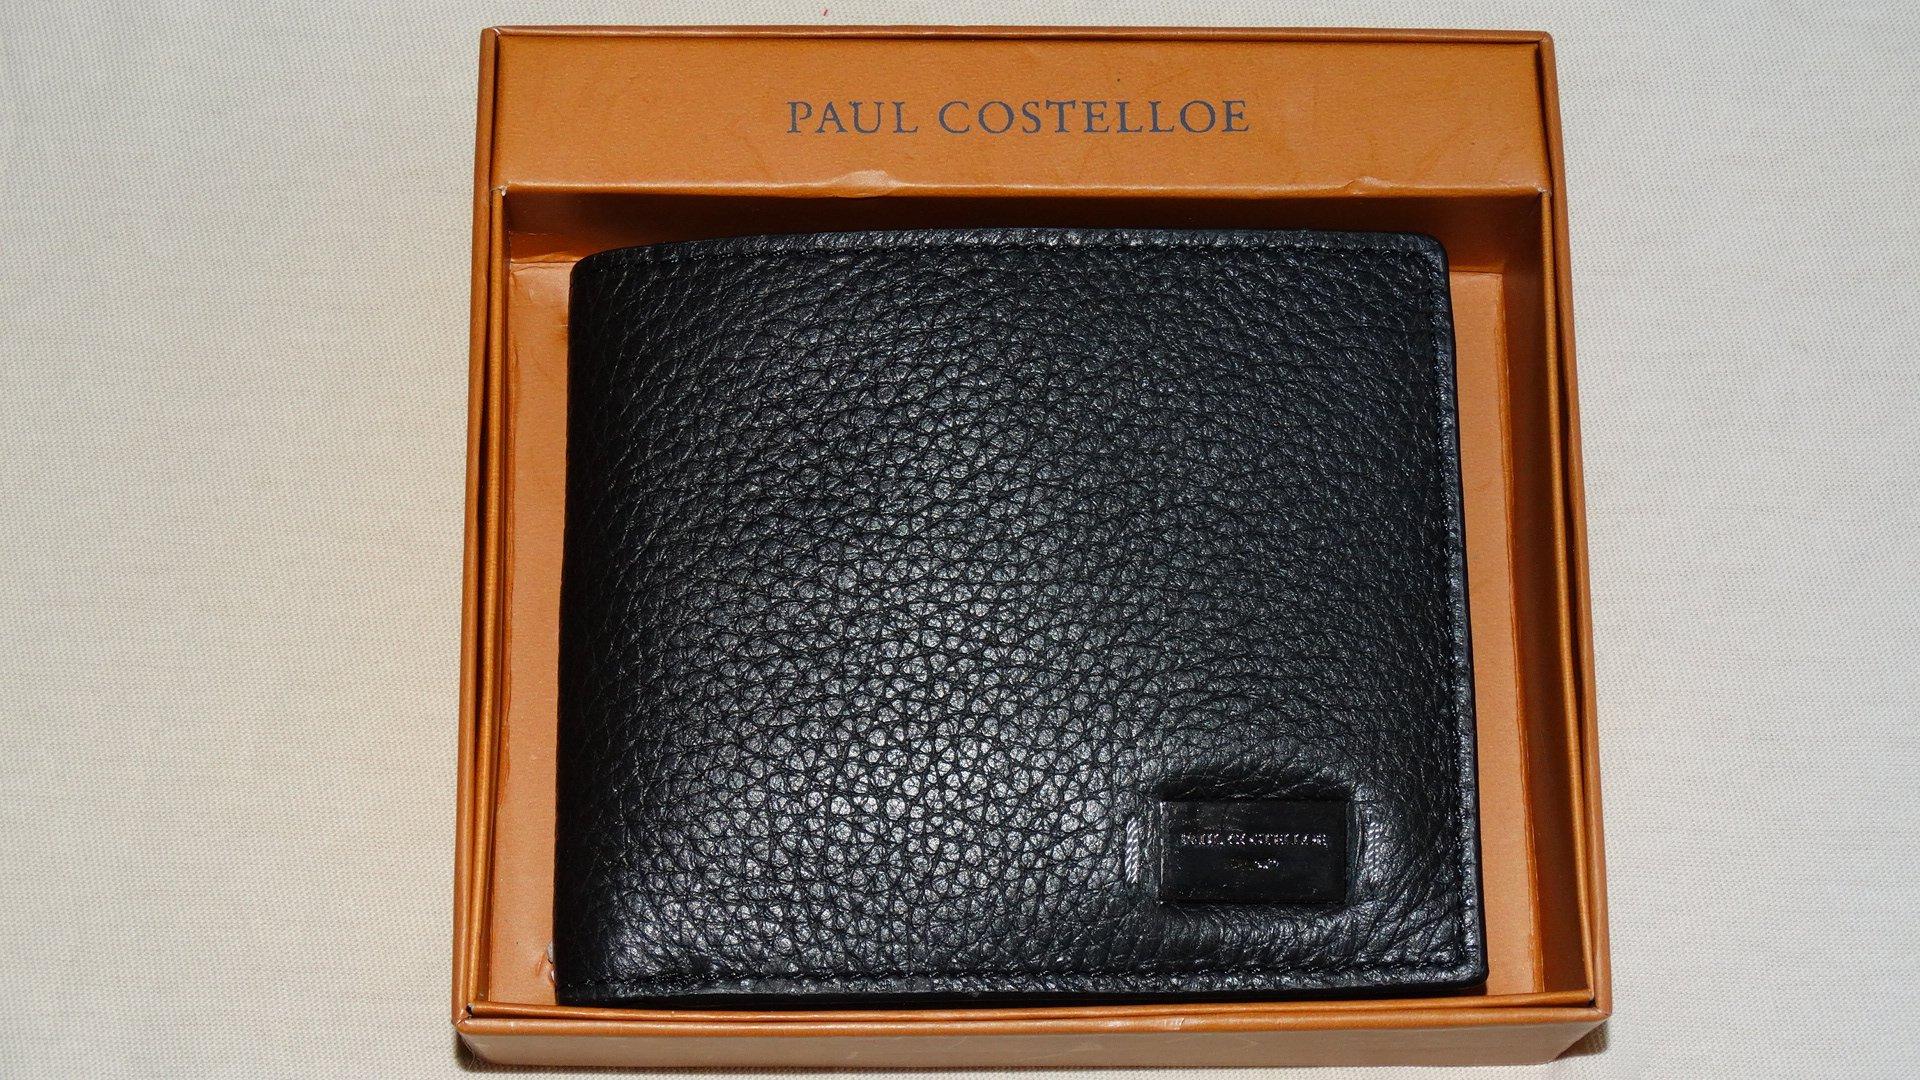 2e7bf248c8fb5 Portfel PAUL COSTELLOE czarny nowy z opakowaniem 7757214152 - Allegro.pl